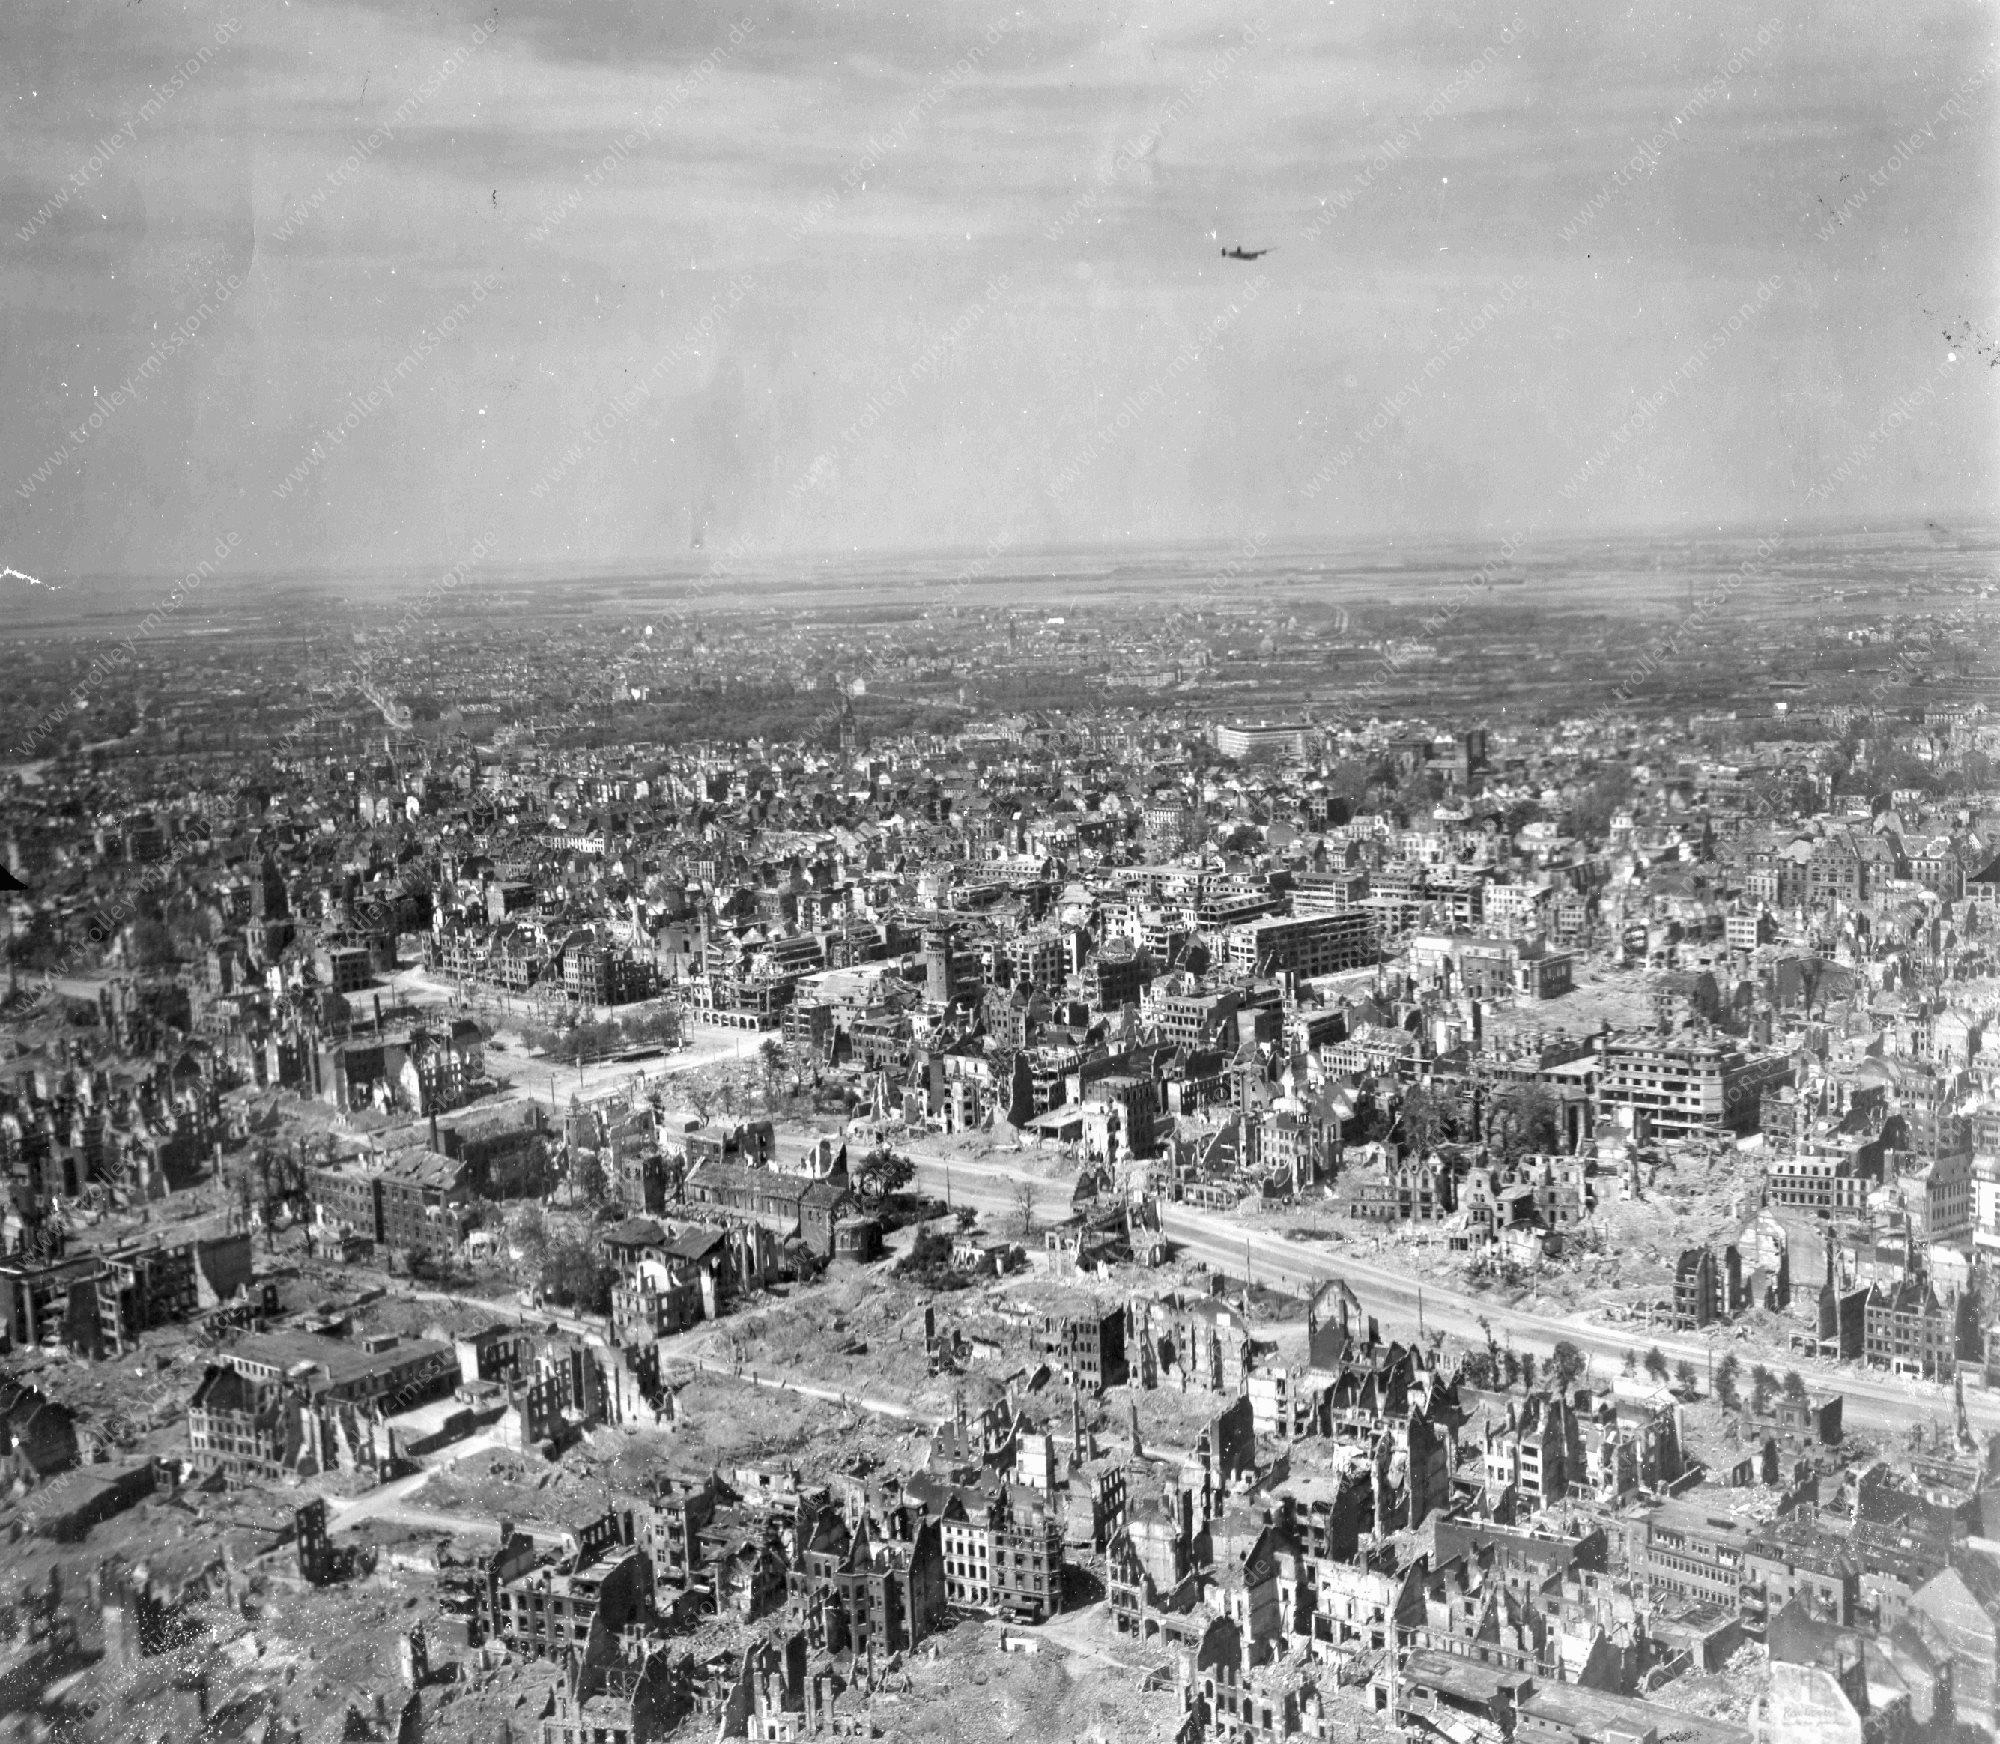 Köln im Weltkrieg - Luftbild vom Neumarkt, Kirche St. Aposteln und Cäcilienstraße